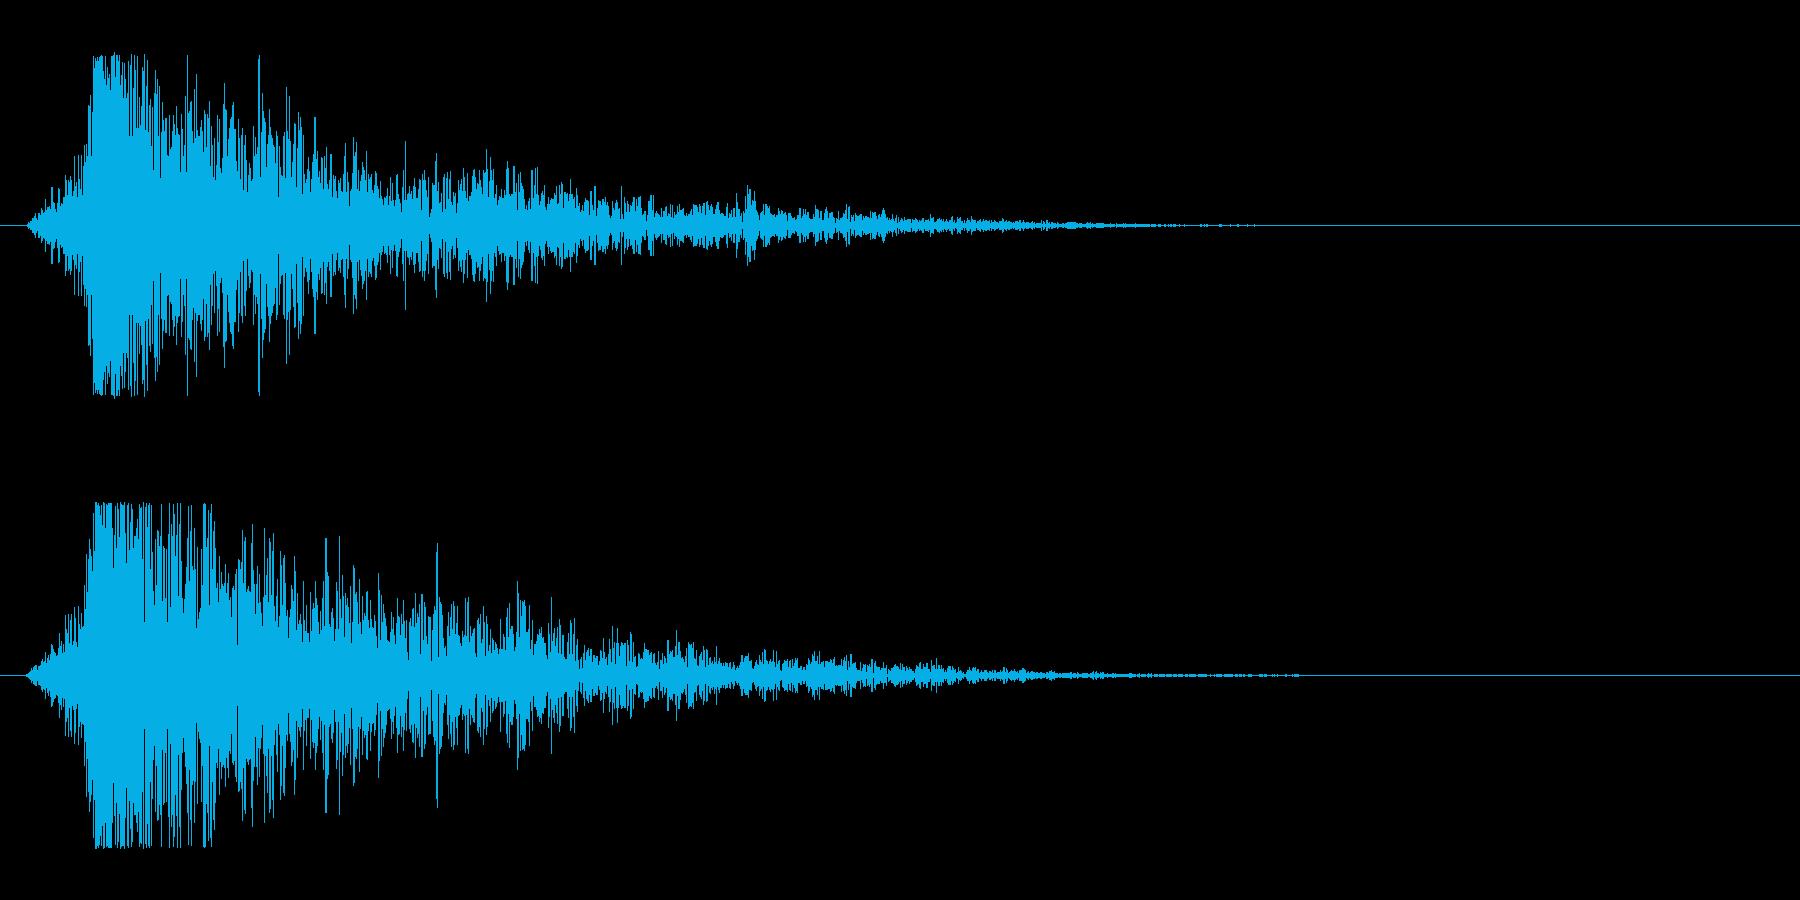 シュードーン-16(インパクト音)の再生済みの波形